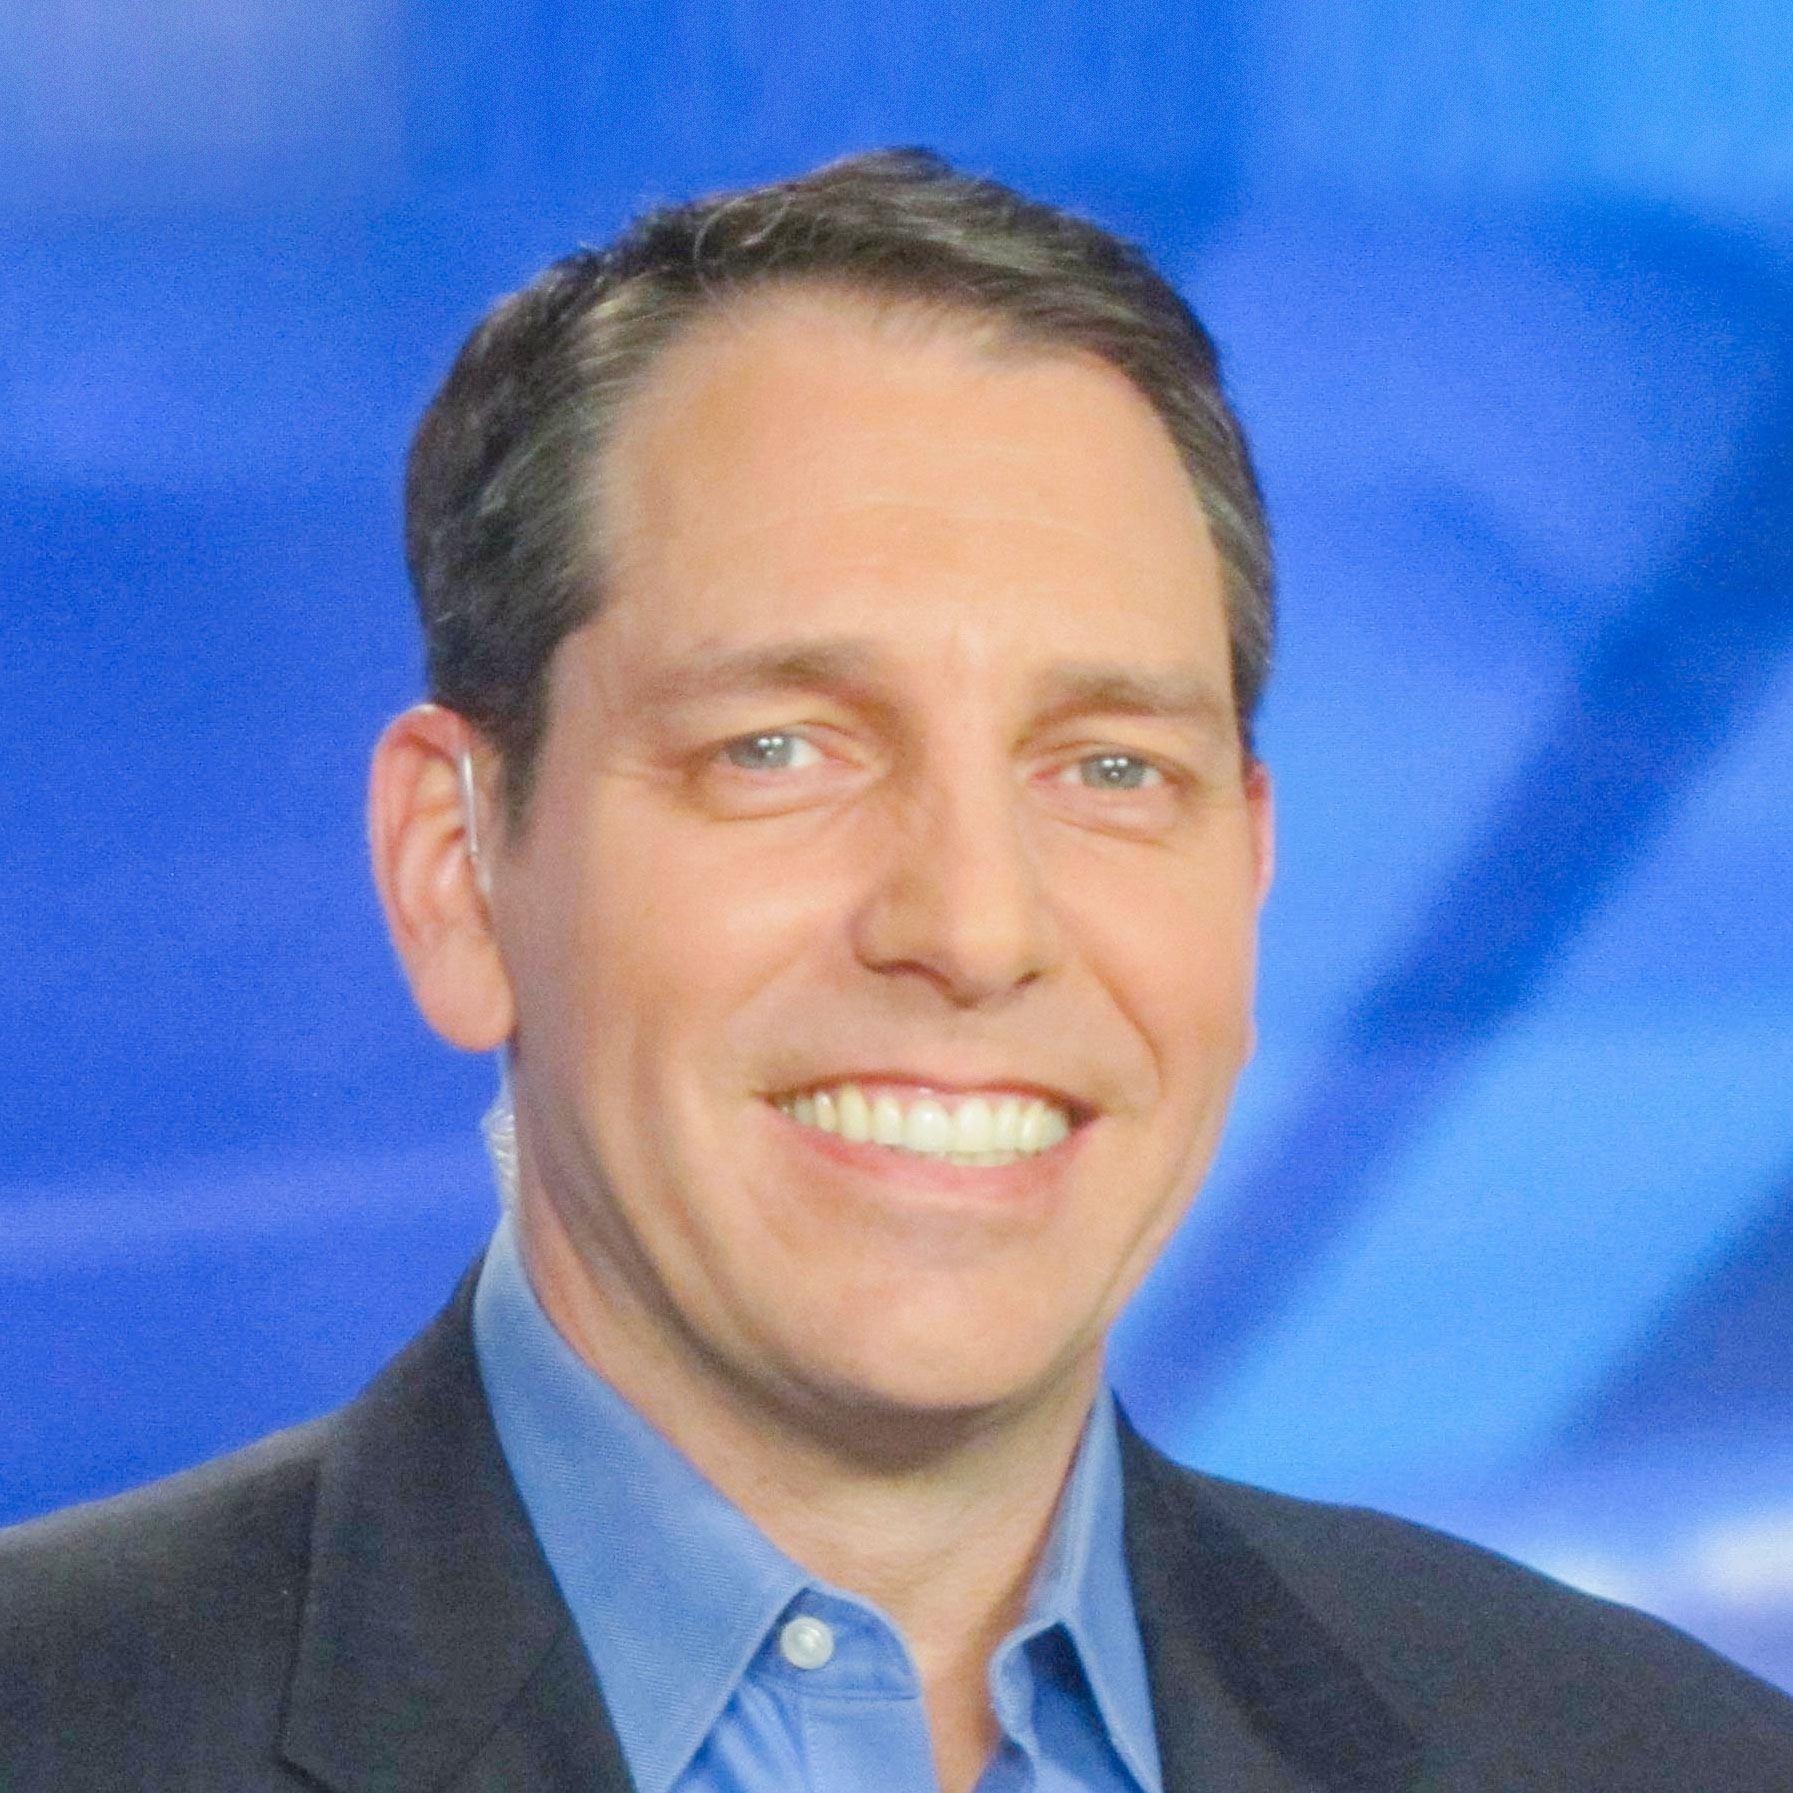 Mark Meckler